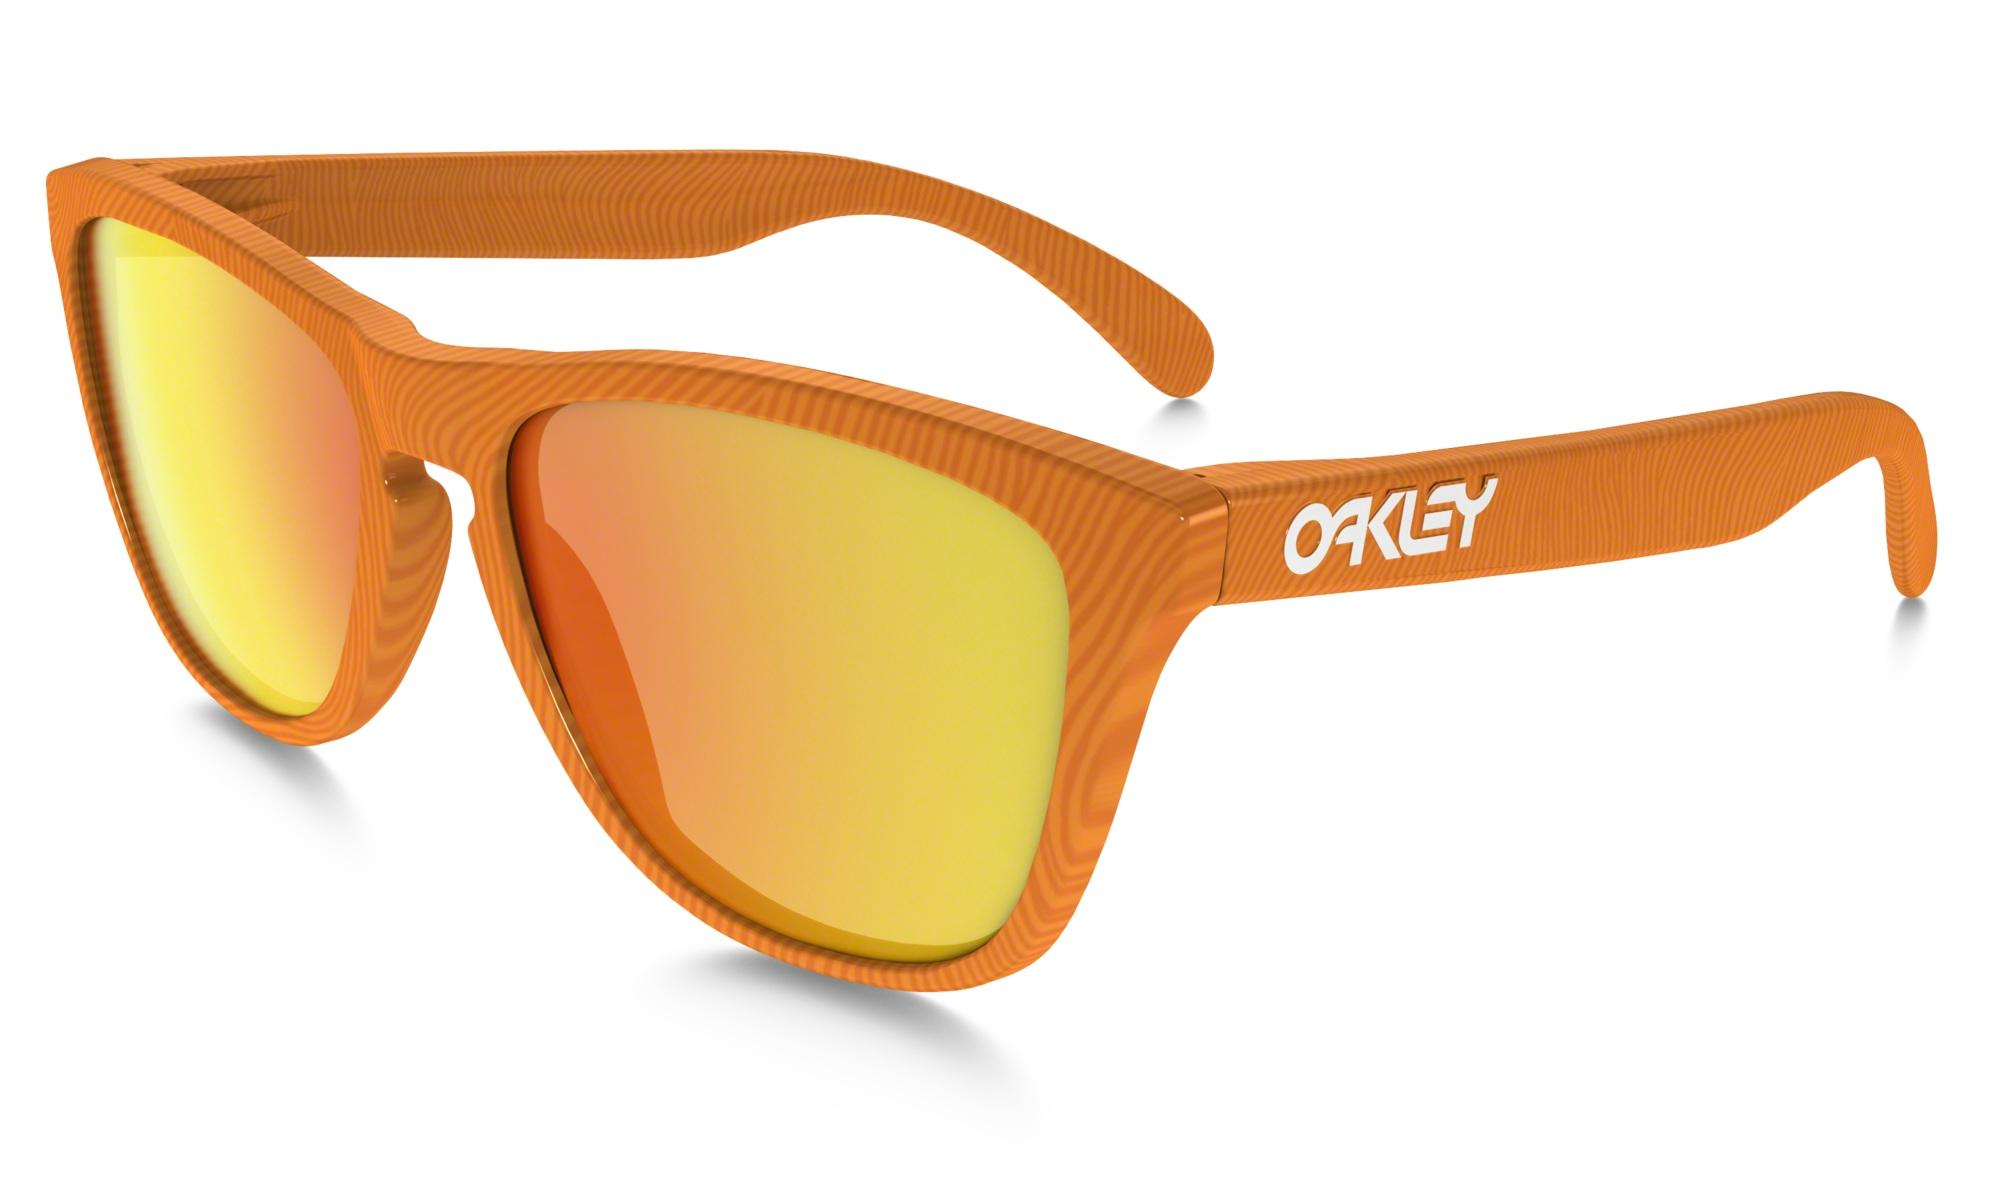 Oakley Frogskin OO 9013 24-359 1 eHuknahY9z